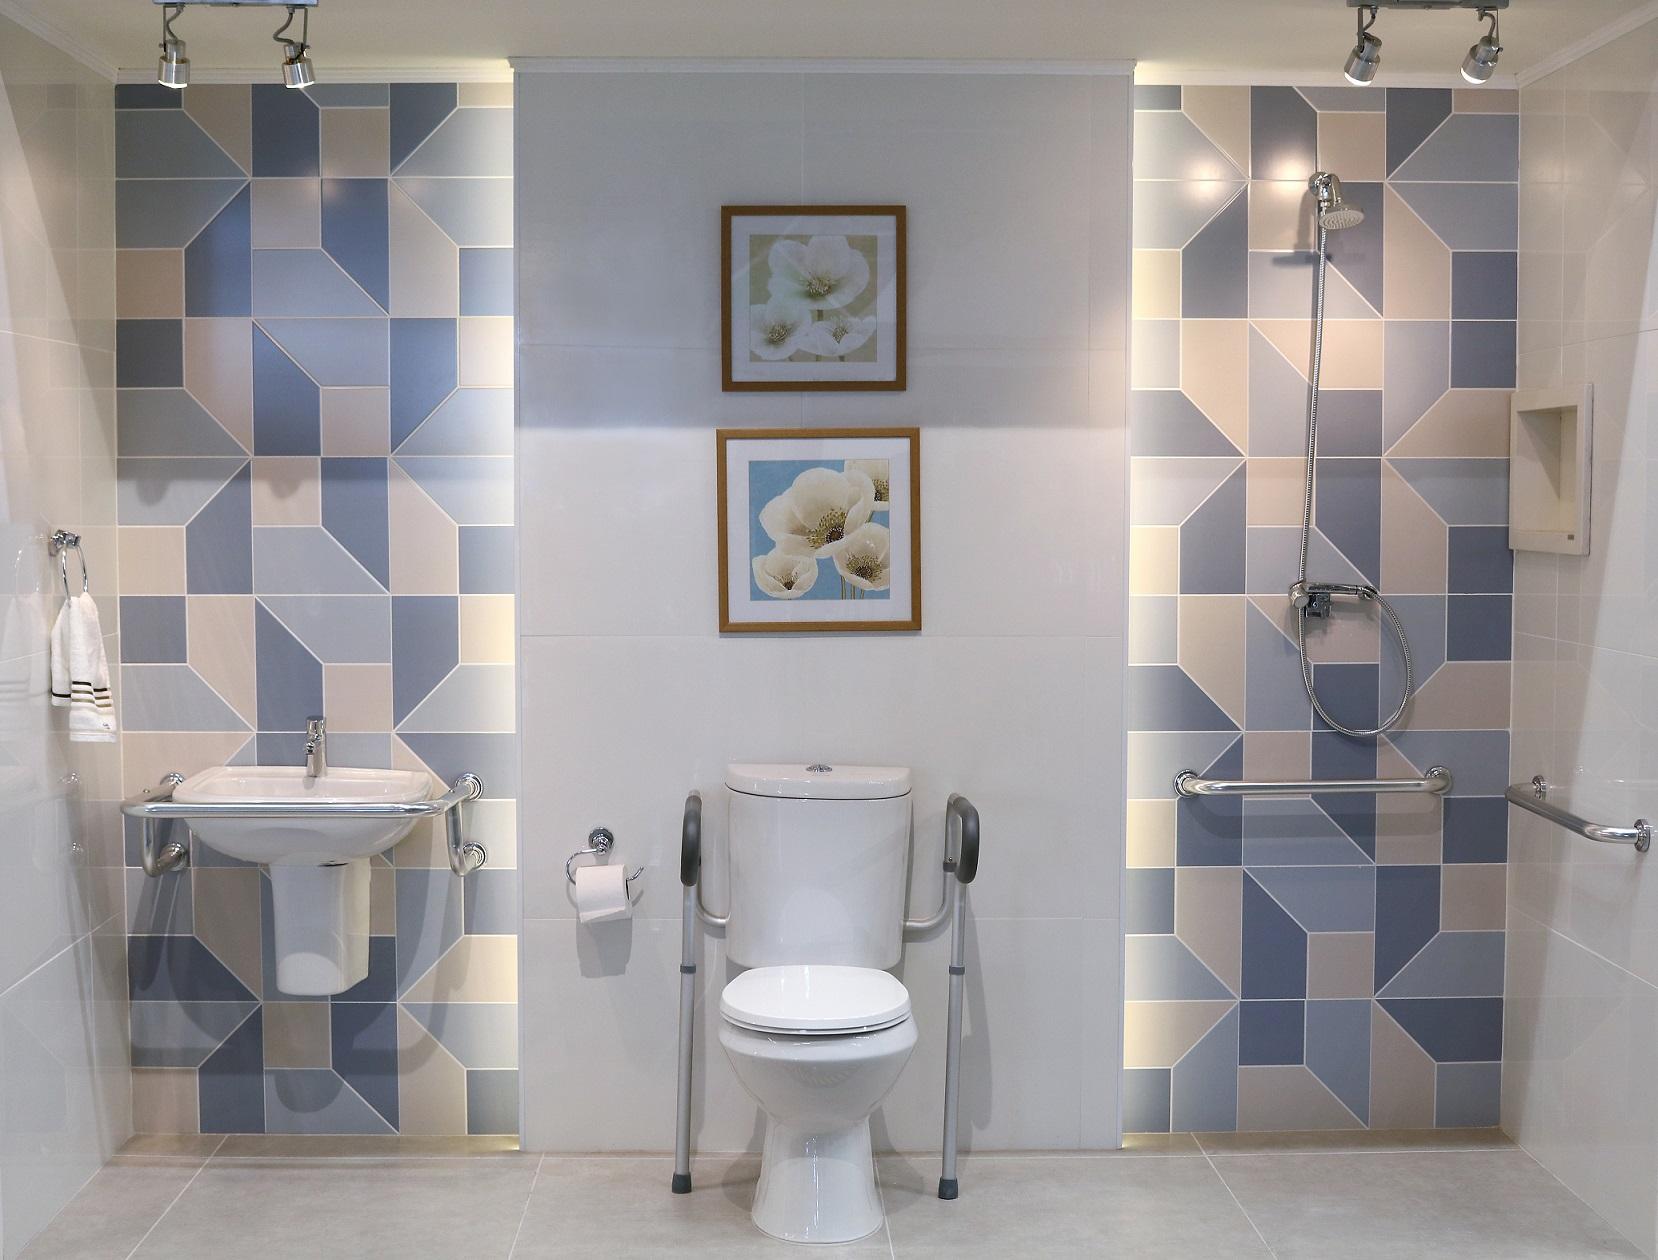 Imagem De Banheiros Pequenos Decorados : Banheiro pequeno decorado acess?vel leroy merlin